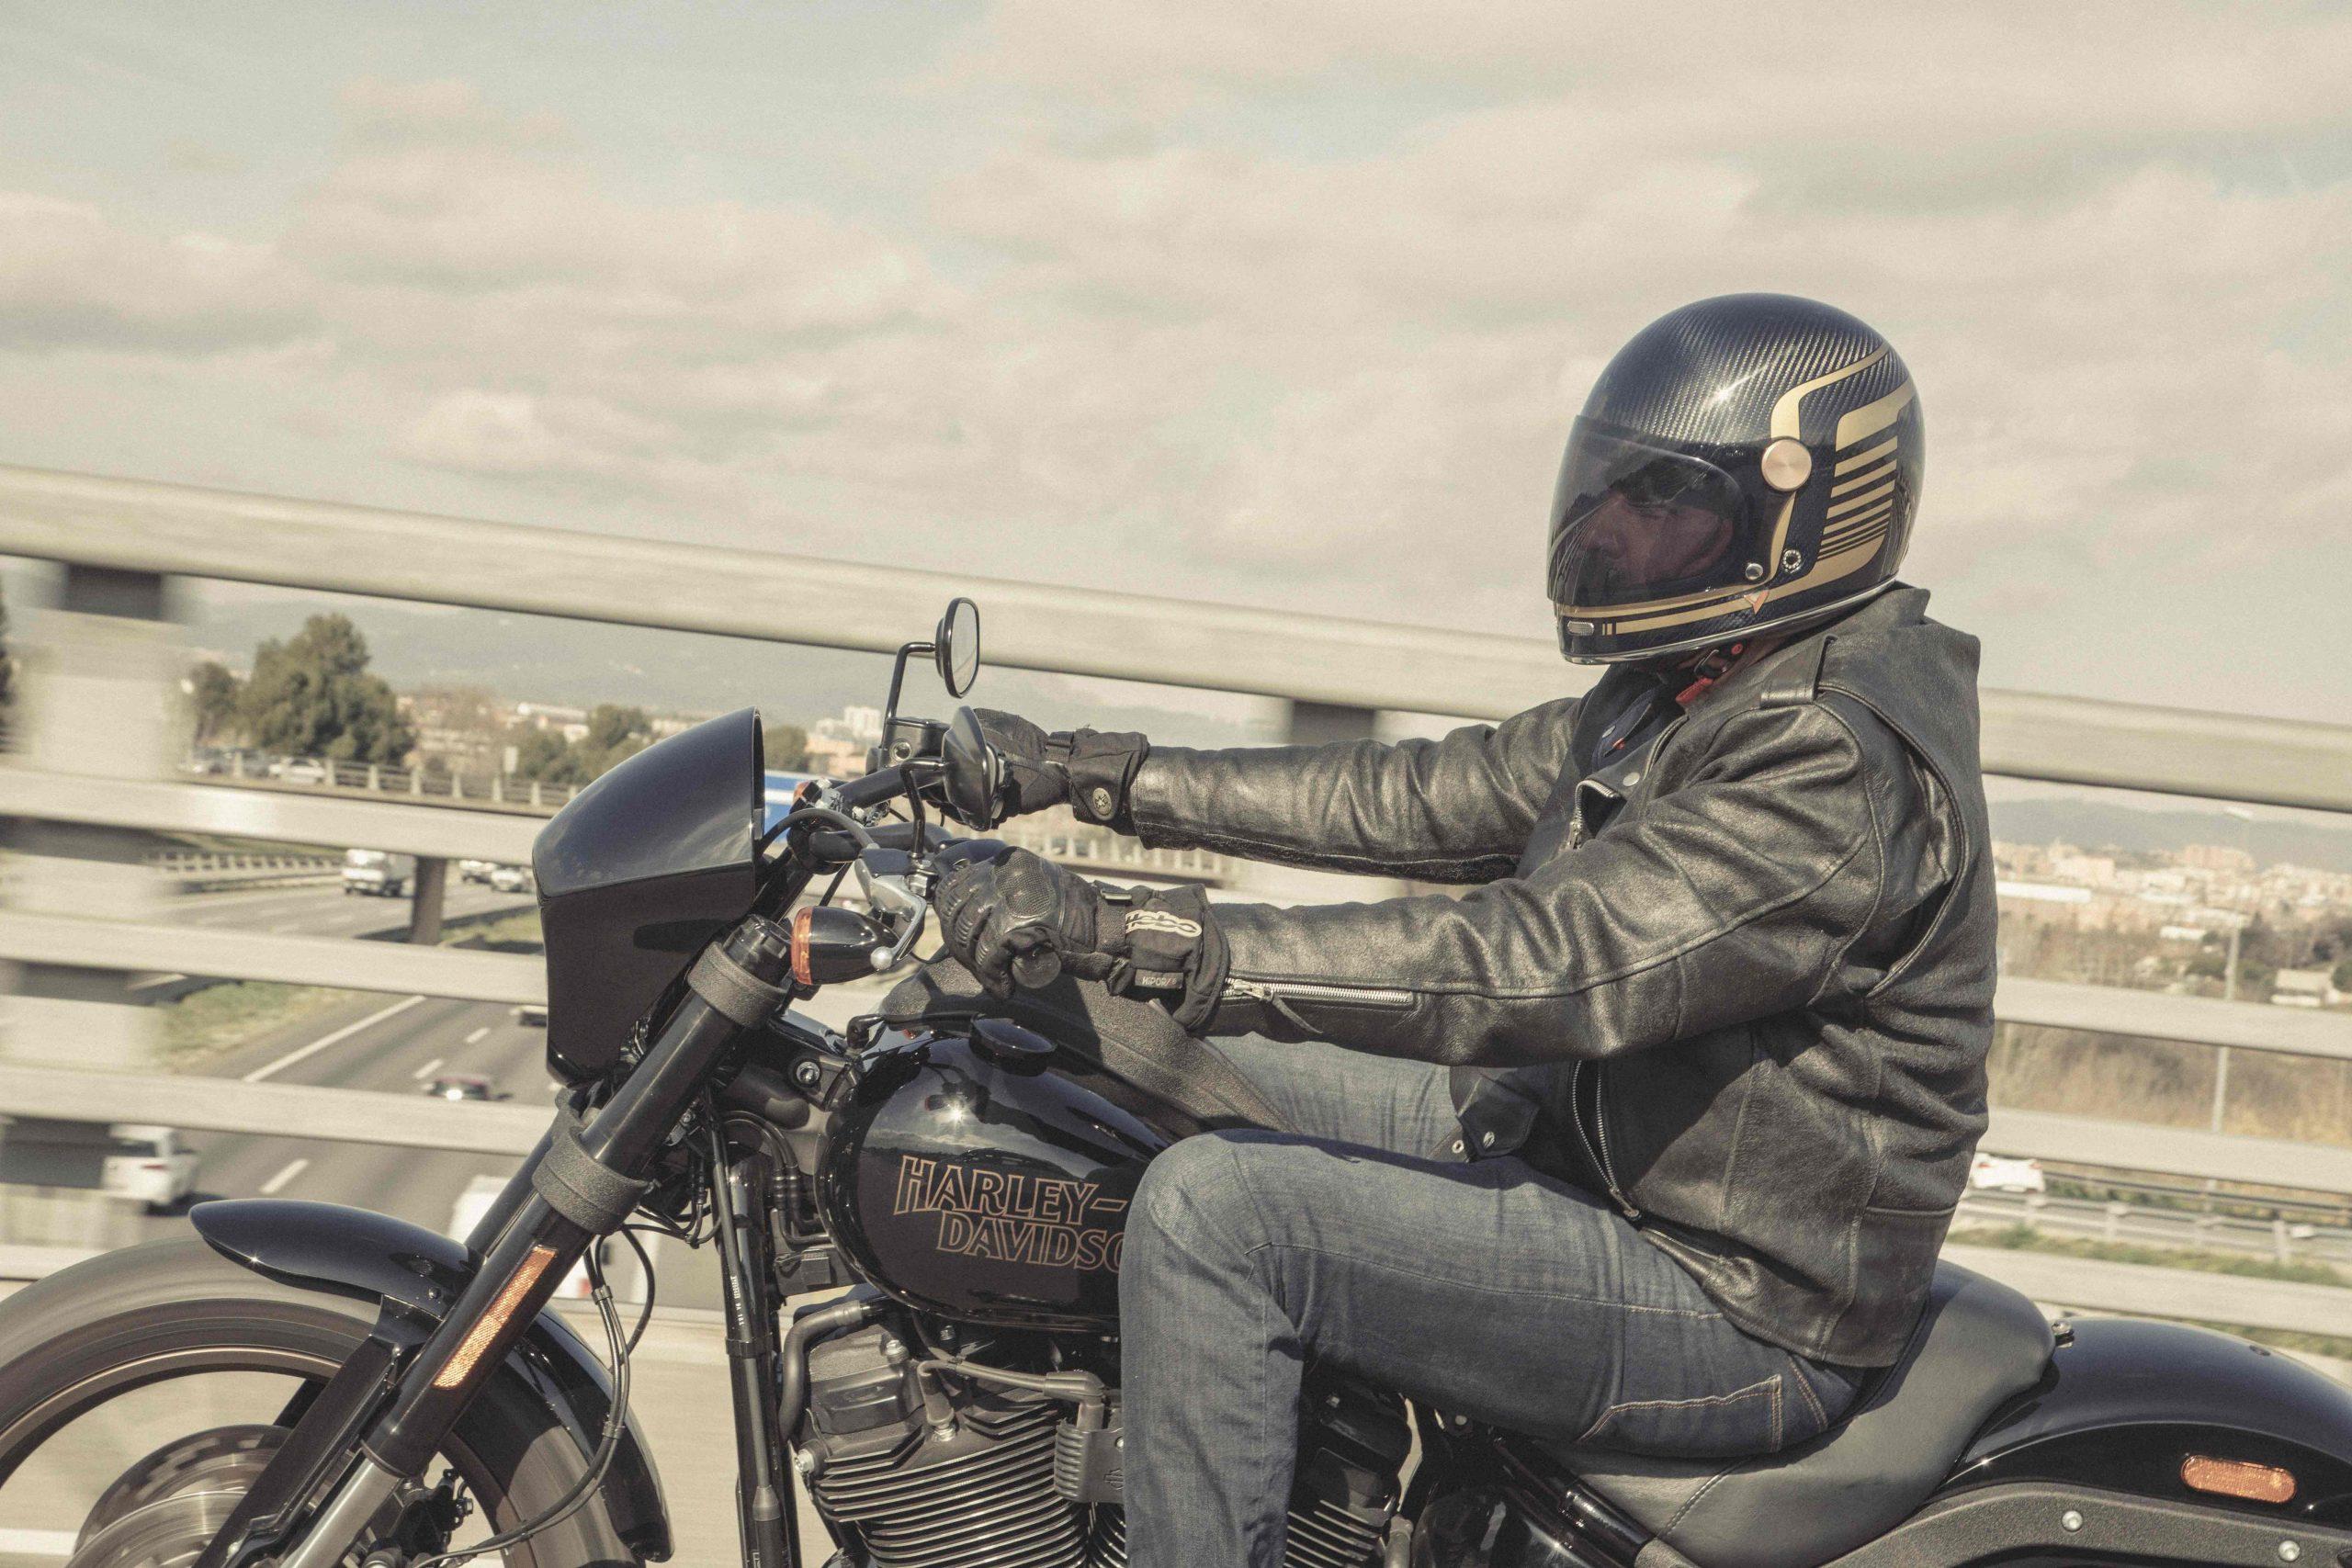 3fotografia-motos-motor-motosnet-dosruedas-fotografa-barcelona-motocicleta-harley